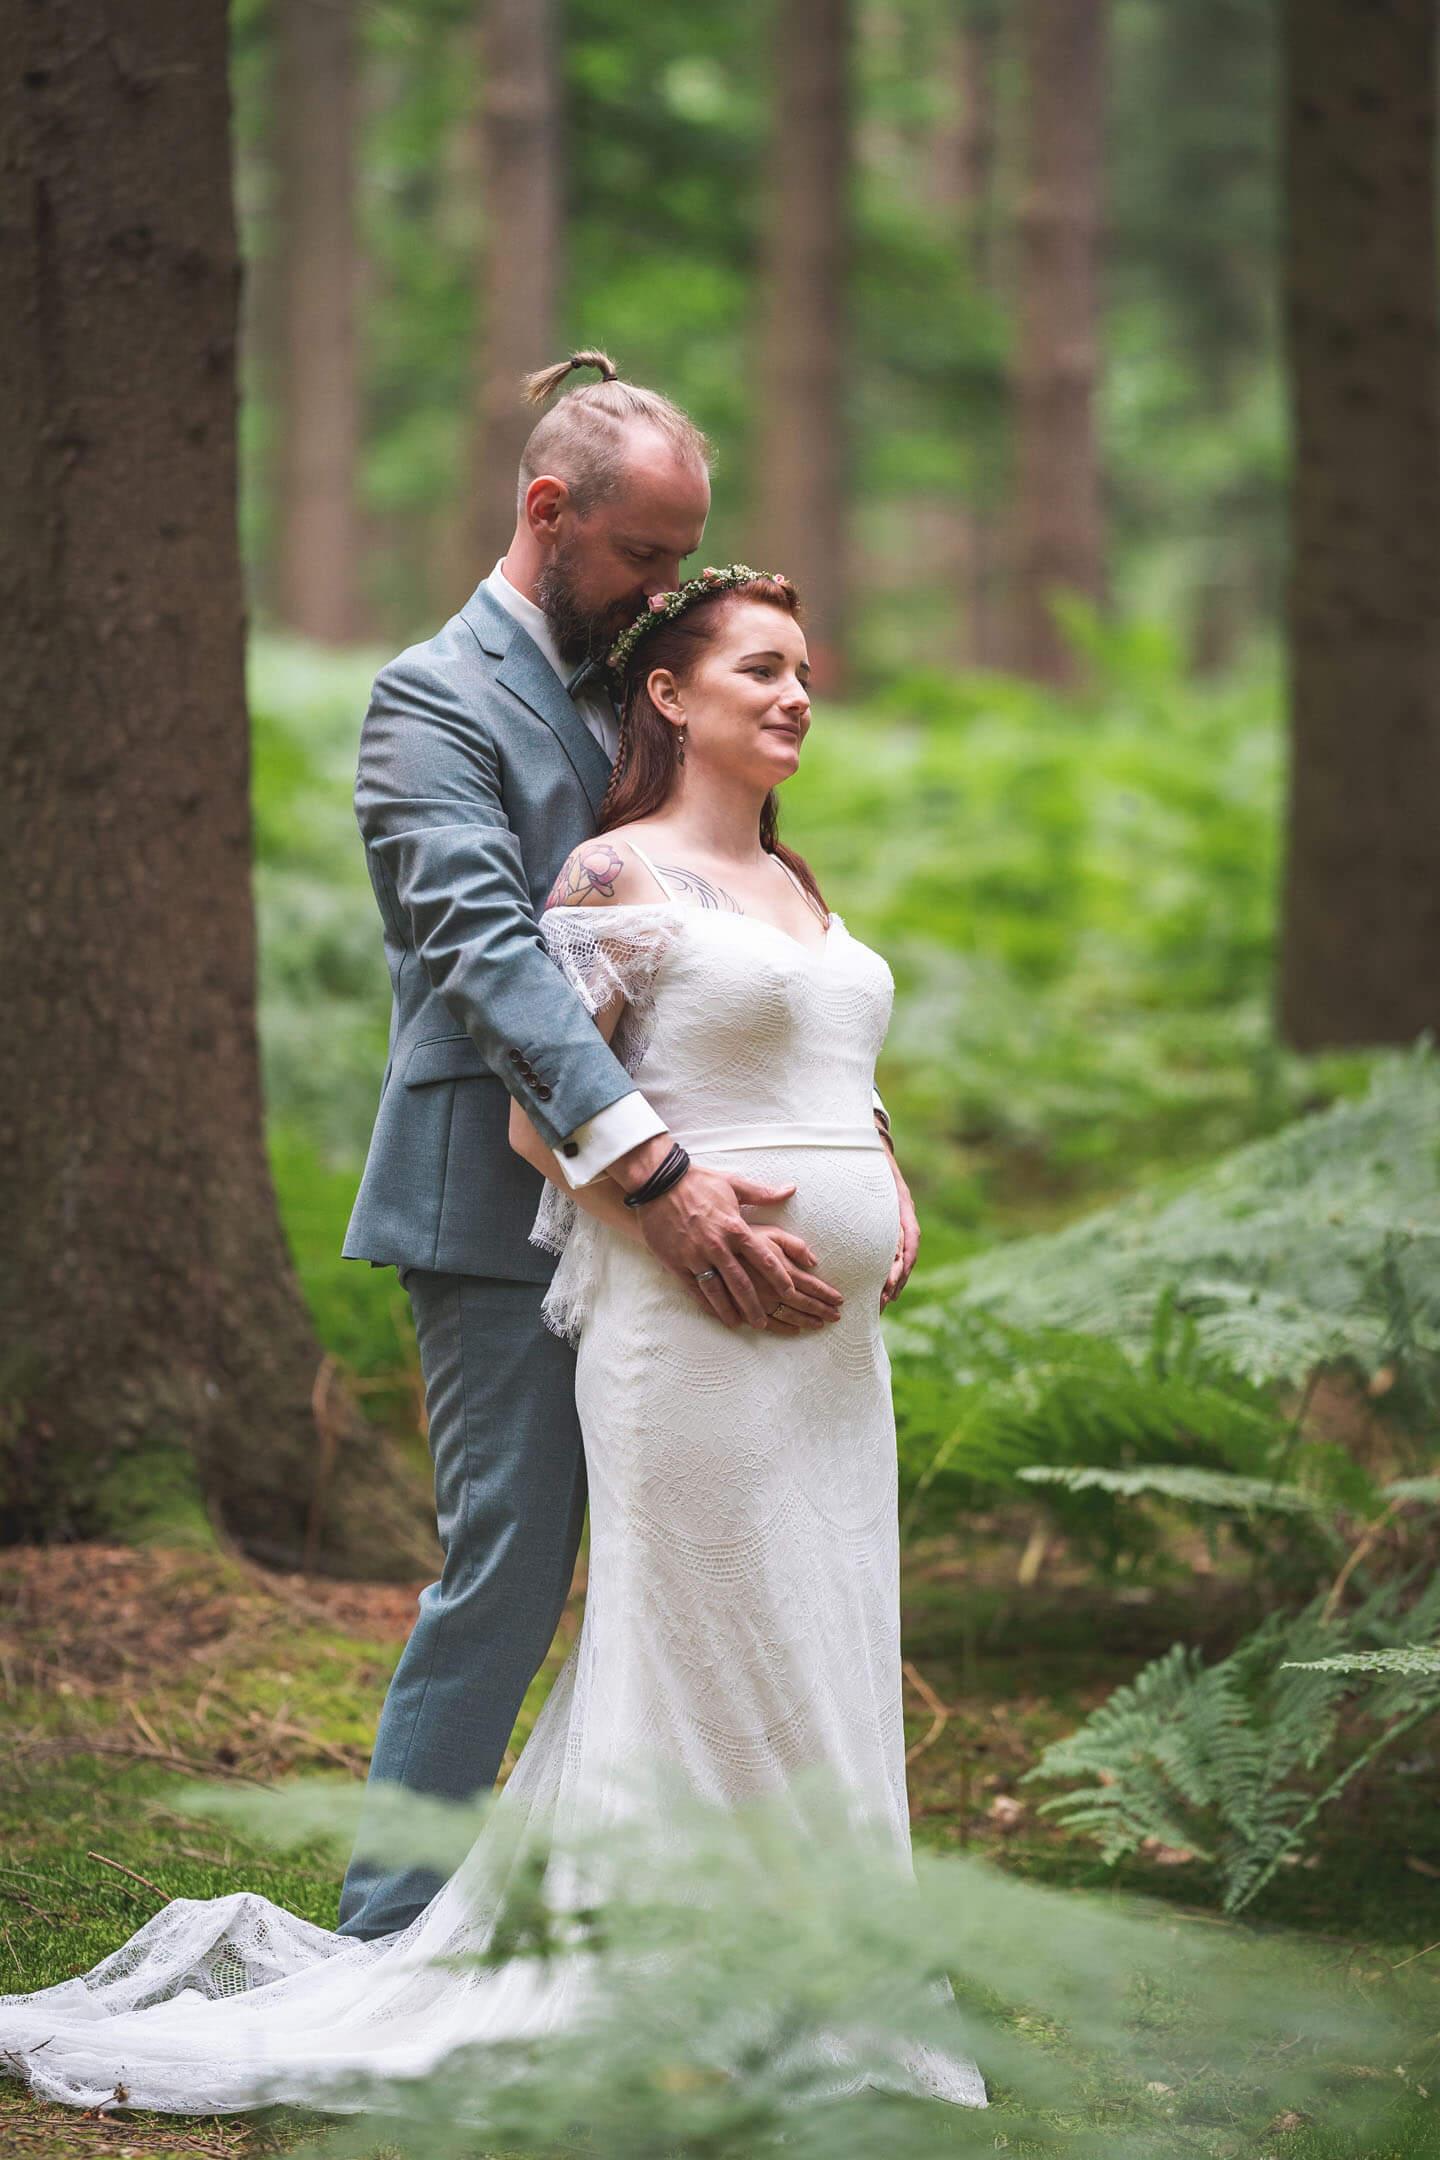 Florian Läufer aus Hamburg fotografierte die Boho-Hochzeit mit anschließendem Paarshooting